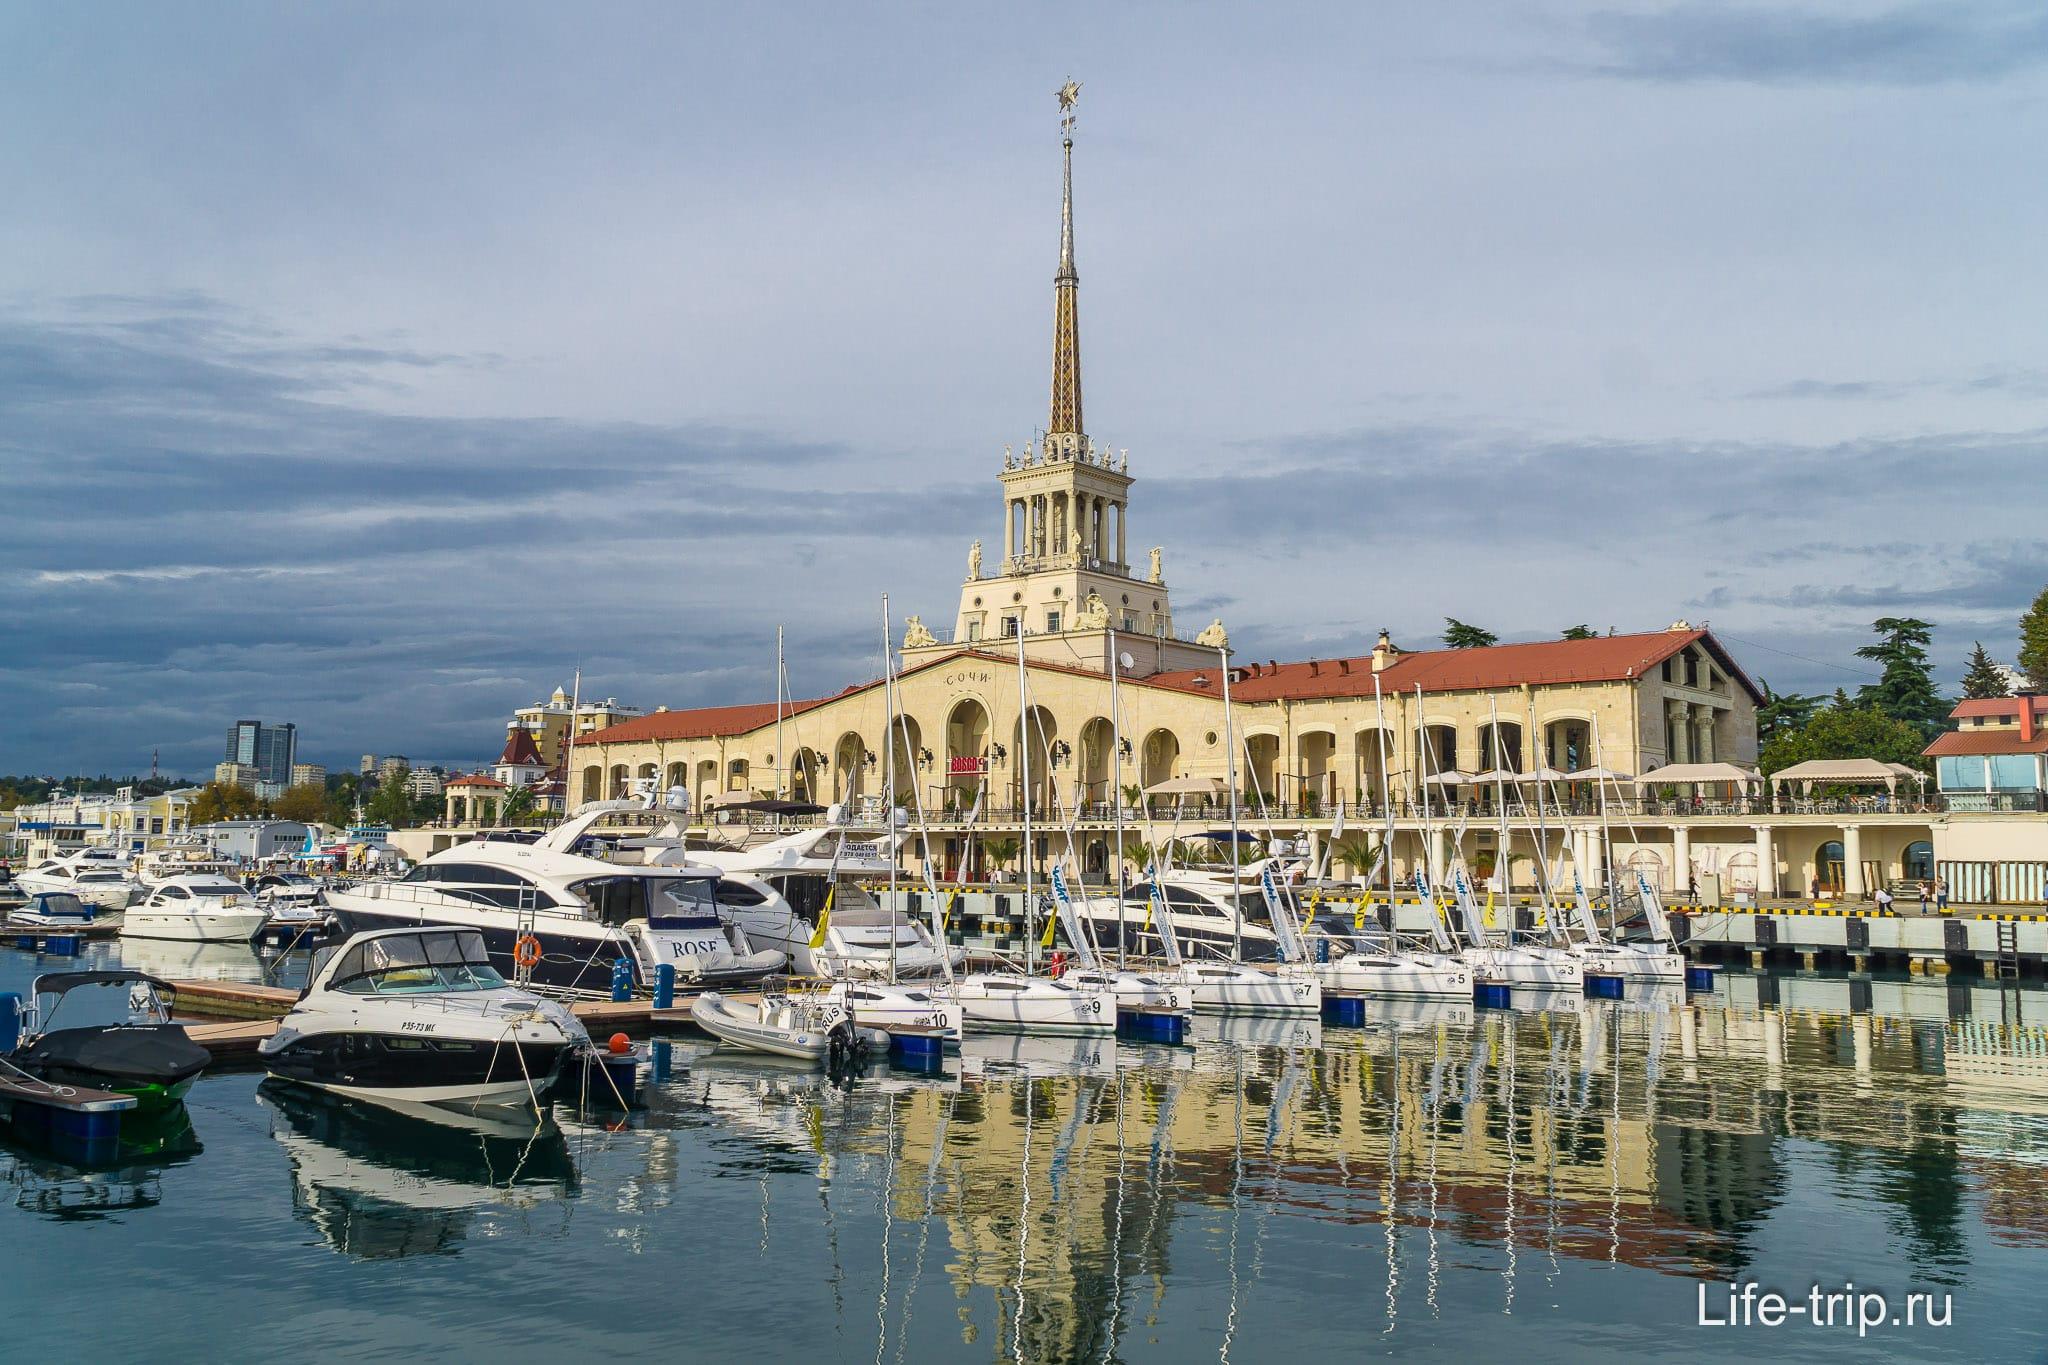 картинки порта в сочи территории является одной